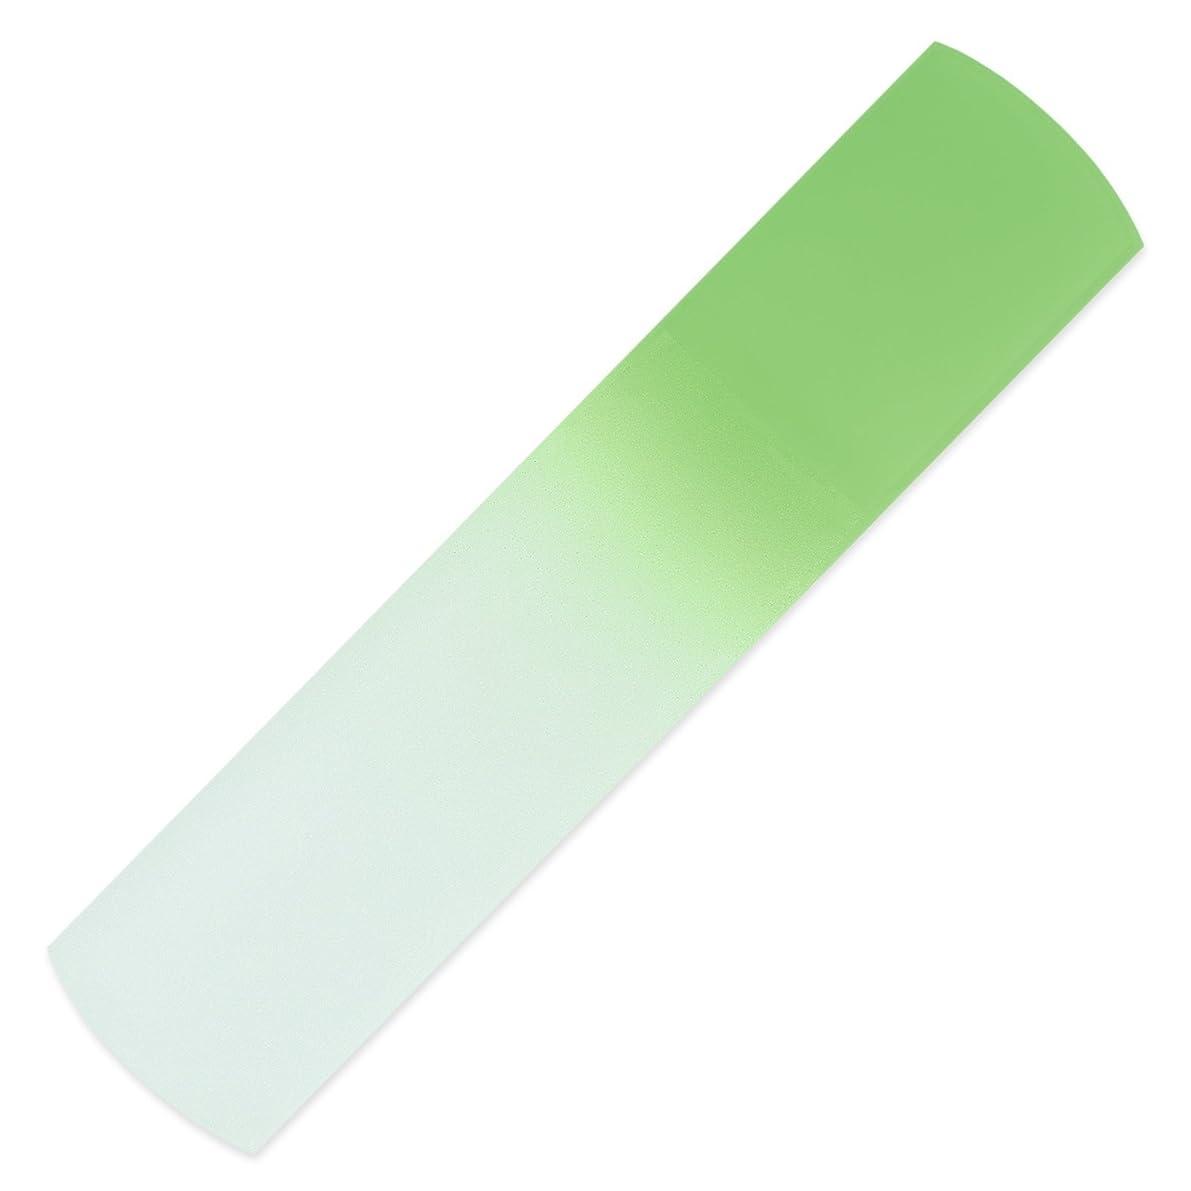 バスルーム敷居懇願するハンドメイドのガラス製フットファイル?ペディキュア用ヤスリ、本物のチェコ製強化ガラス使用、永久保証付き?固い皮や死んだ皮膚、きめの粗い皮膚、マメ、タコを除去